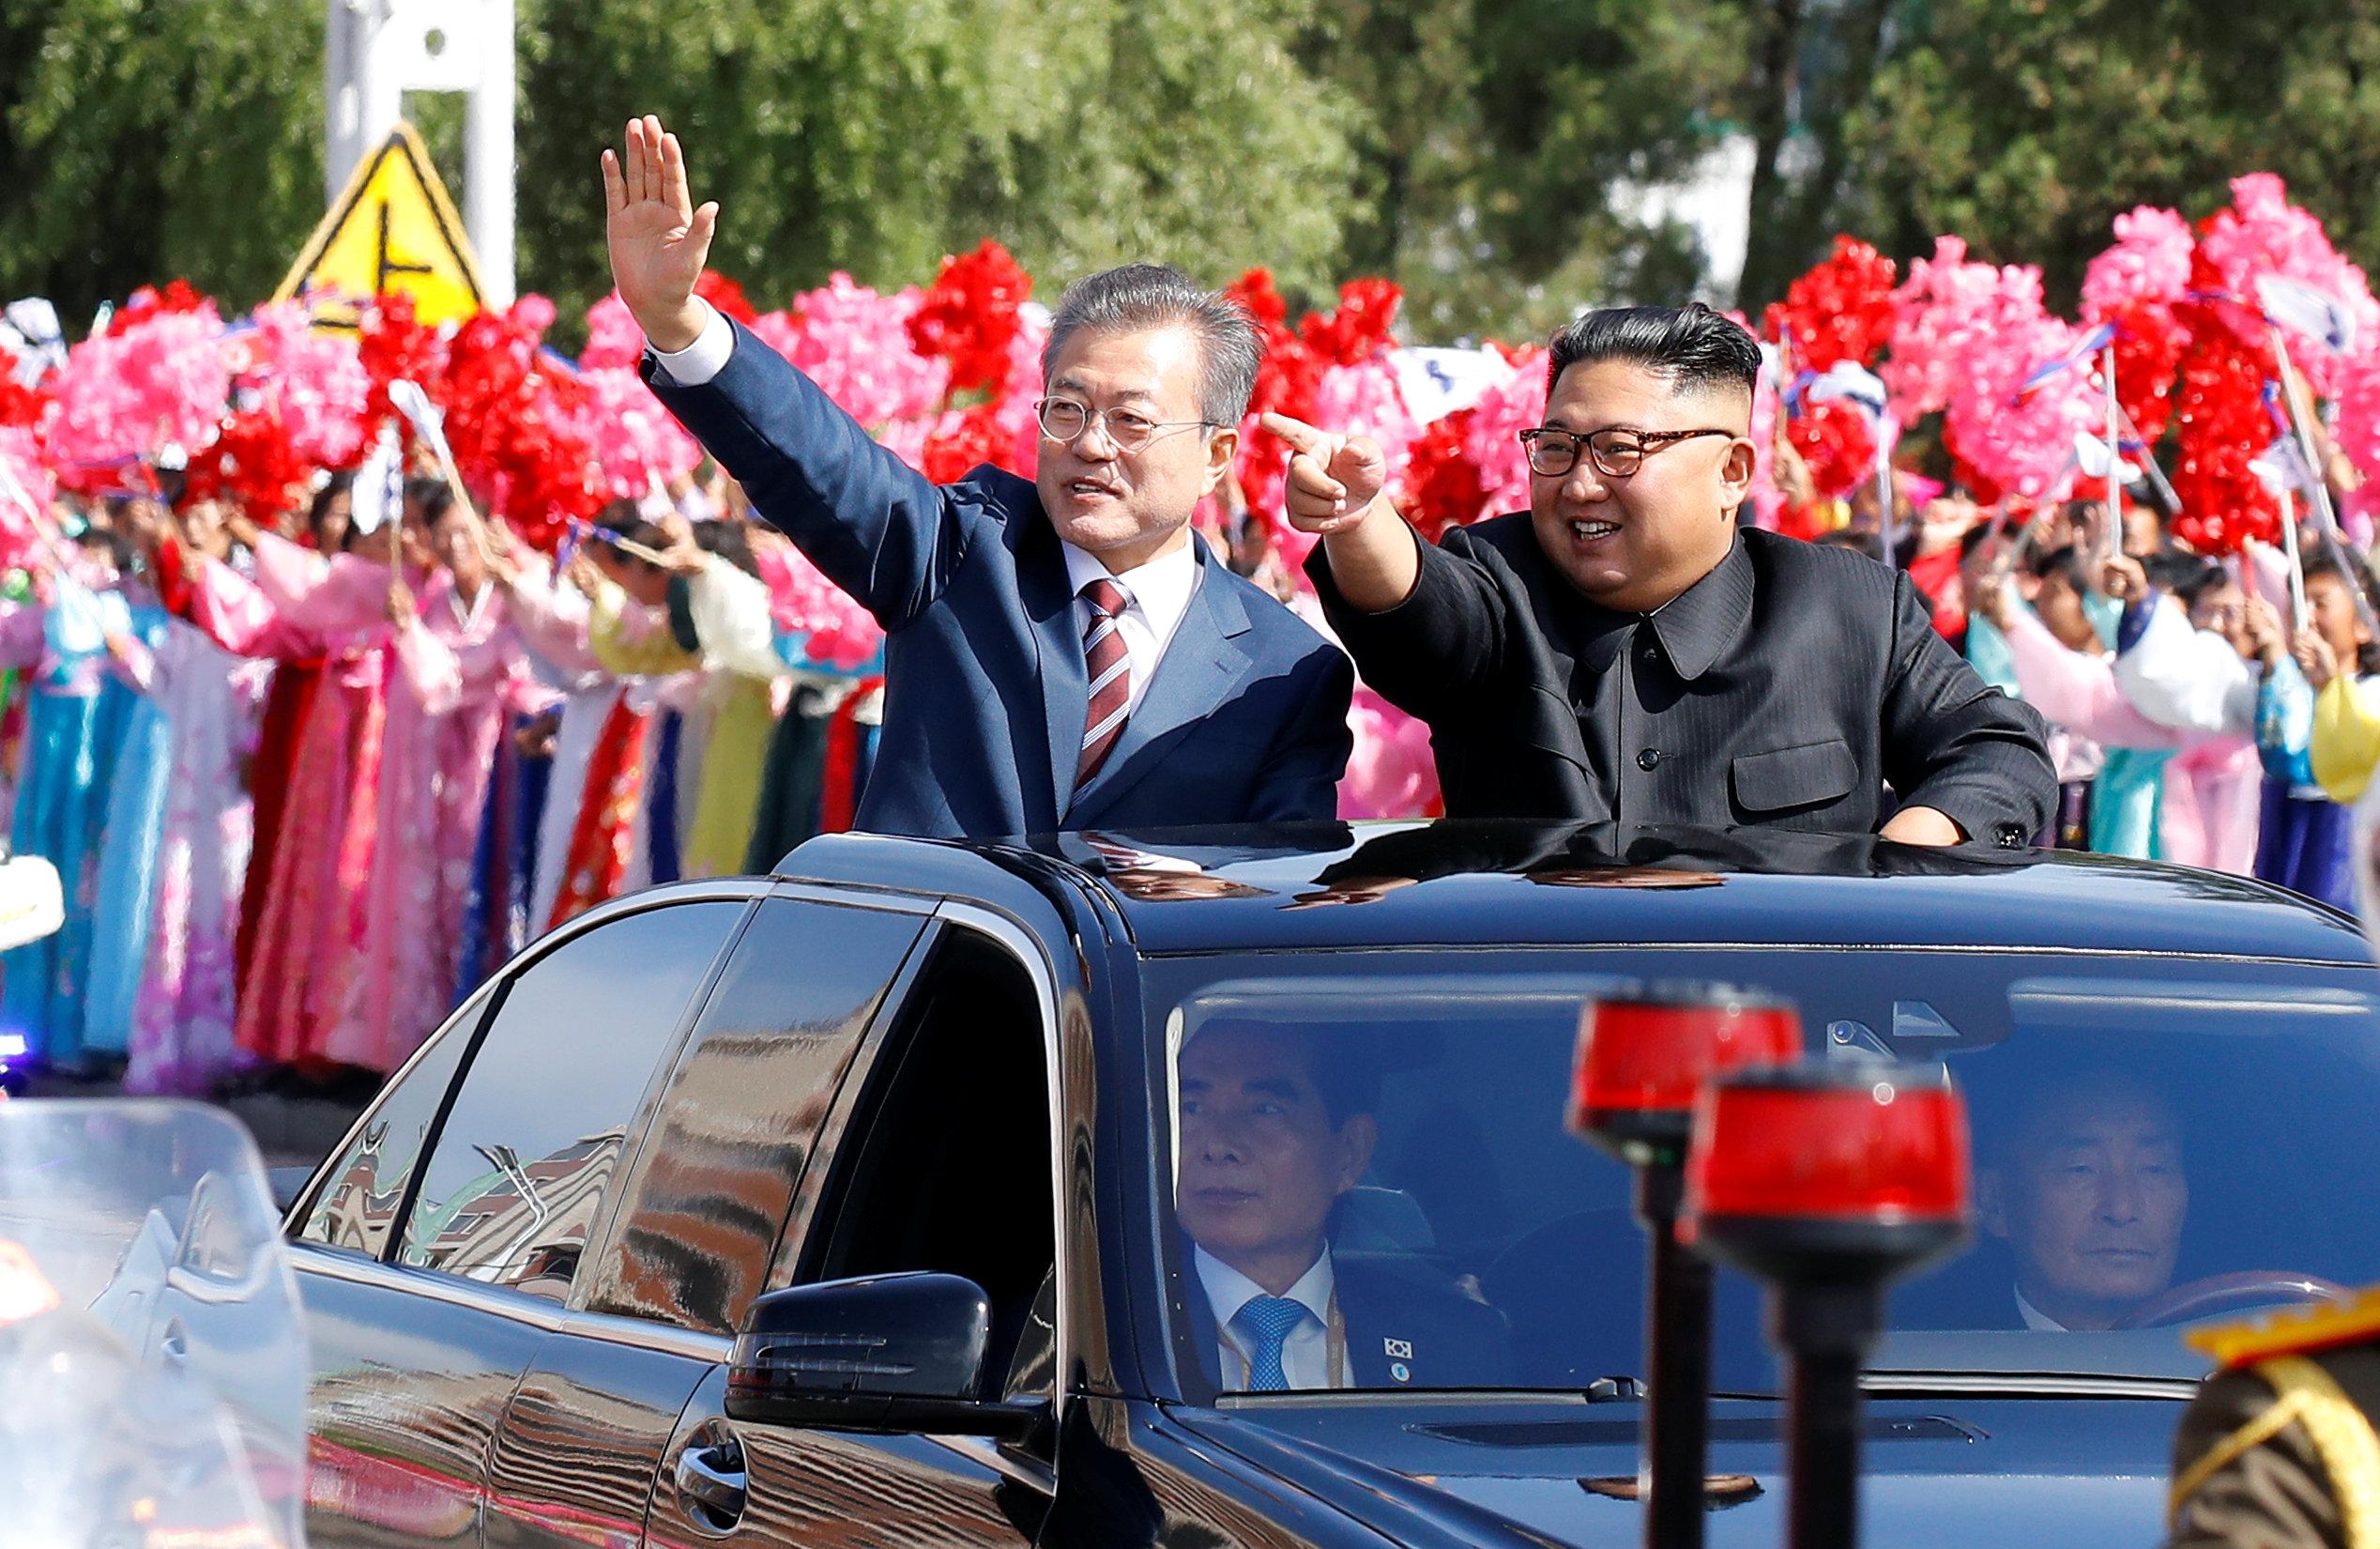 Los dirigentes de las dos Coreas desfilaron en coche por las calles de Pyongyang aclamados por la multitud antes de una tercera cumbre en la que el surcoreano intentará allanar el camino para avanzar en la desnuclearización norcoreana